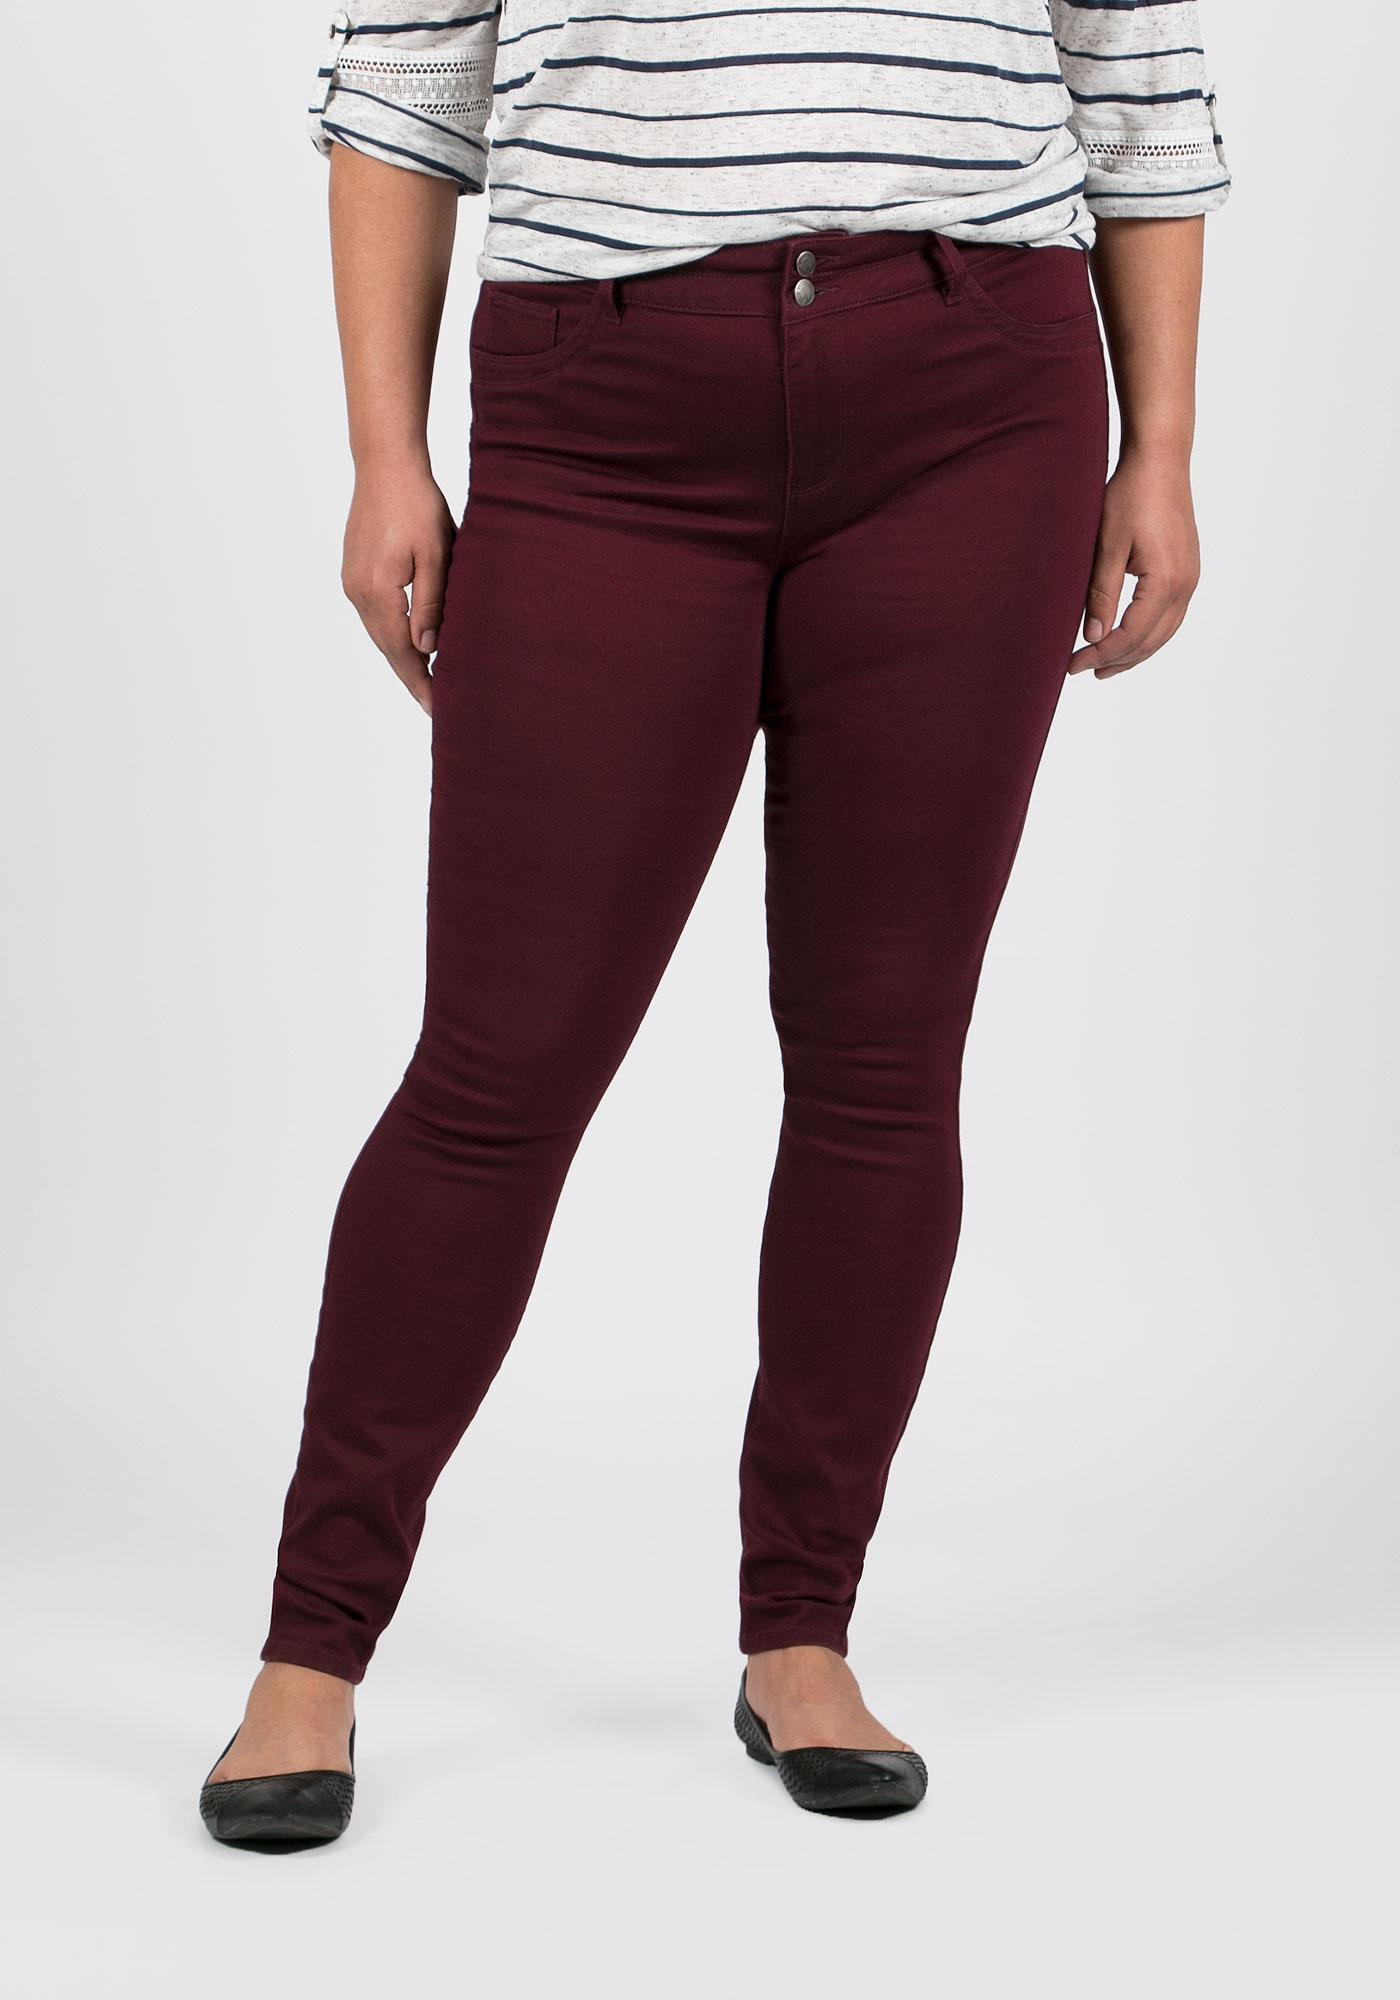 e480e1db133 Women s Plus Size Skinny Pants